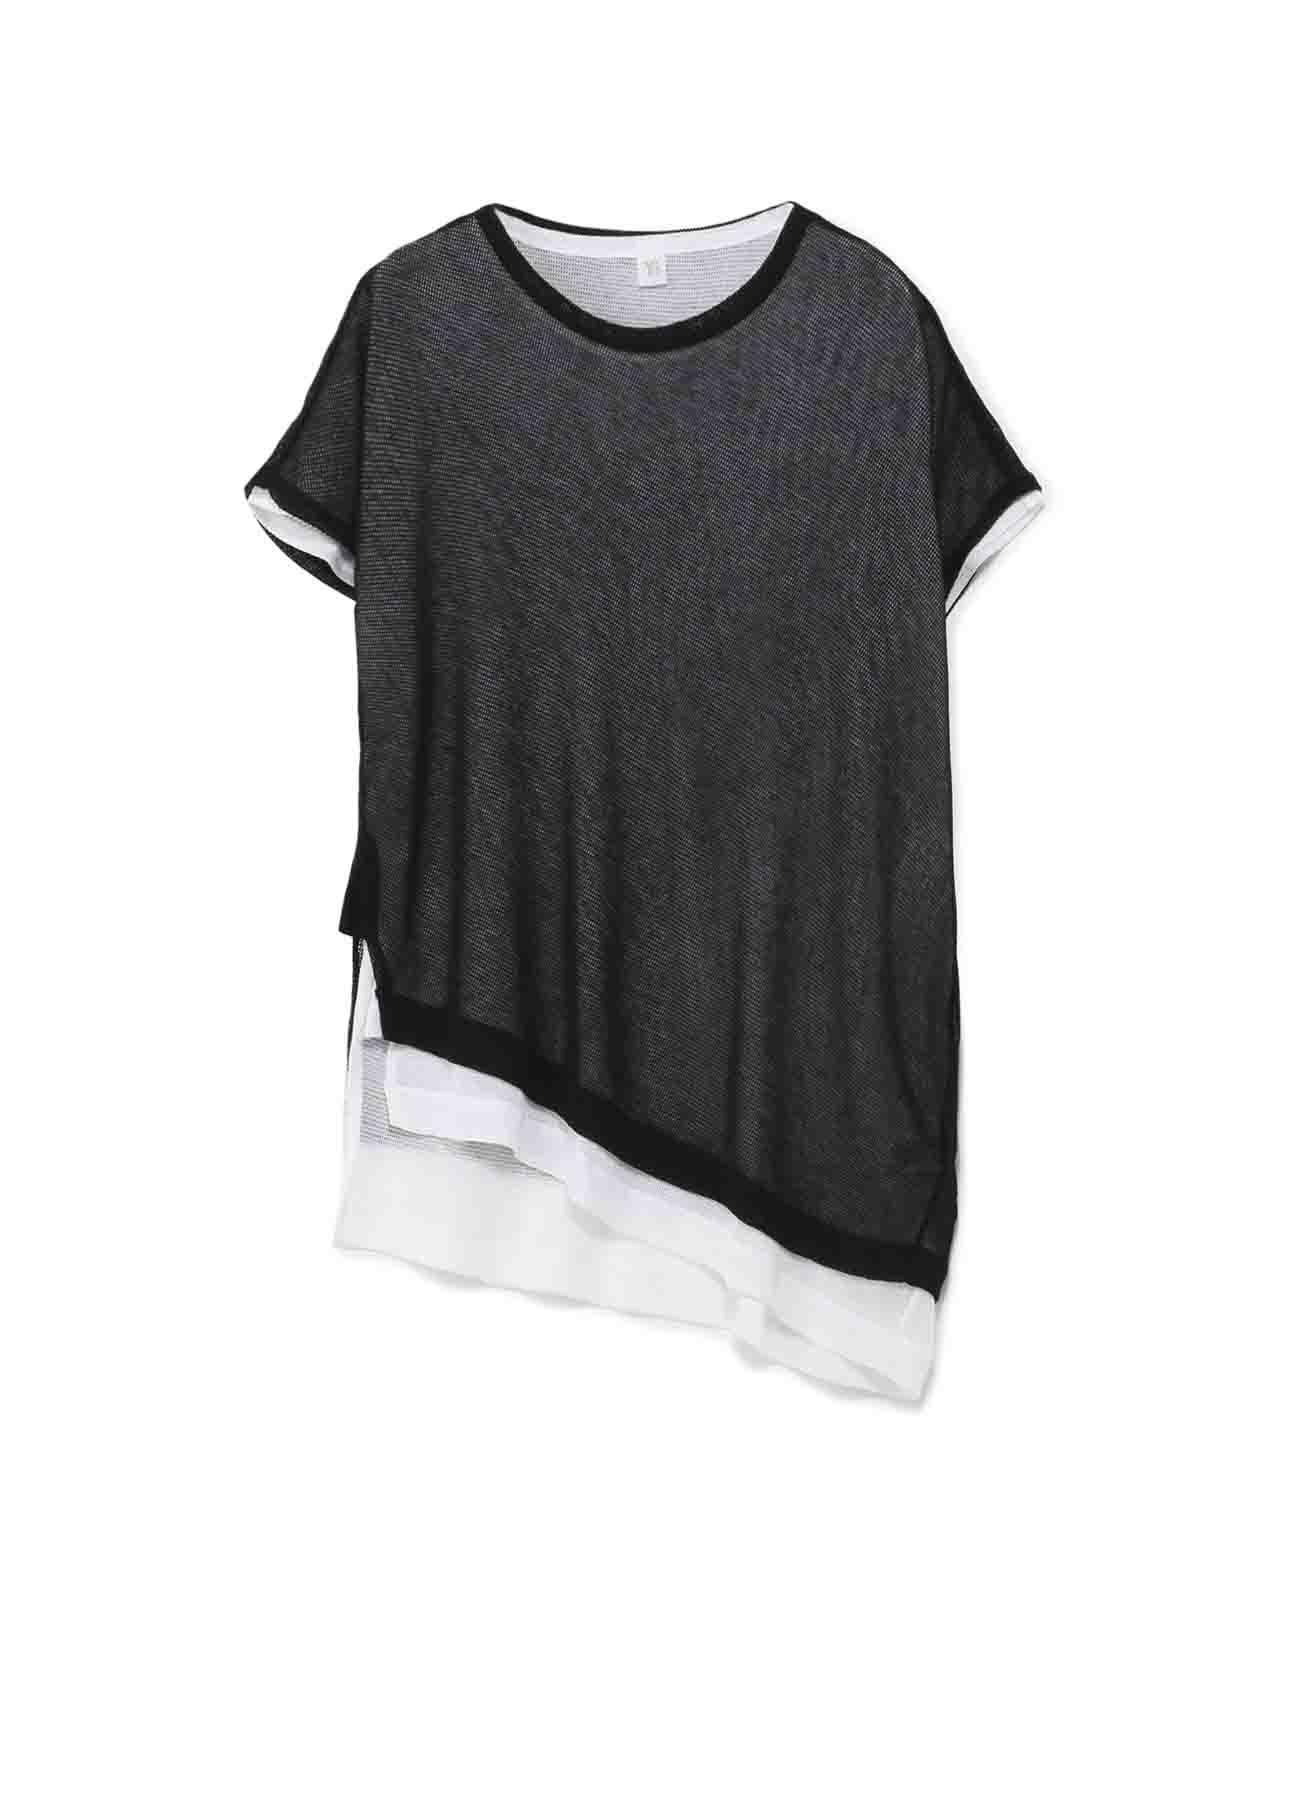 コットン強撚メッシュ天竺 アンバランス二重Tシャツ